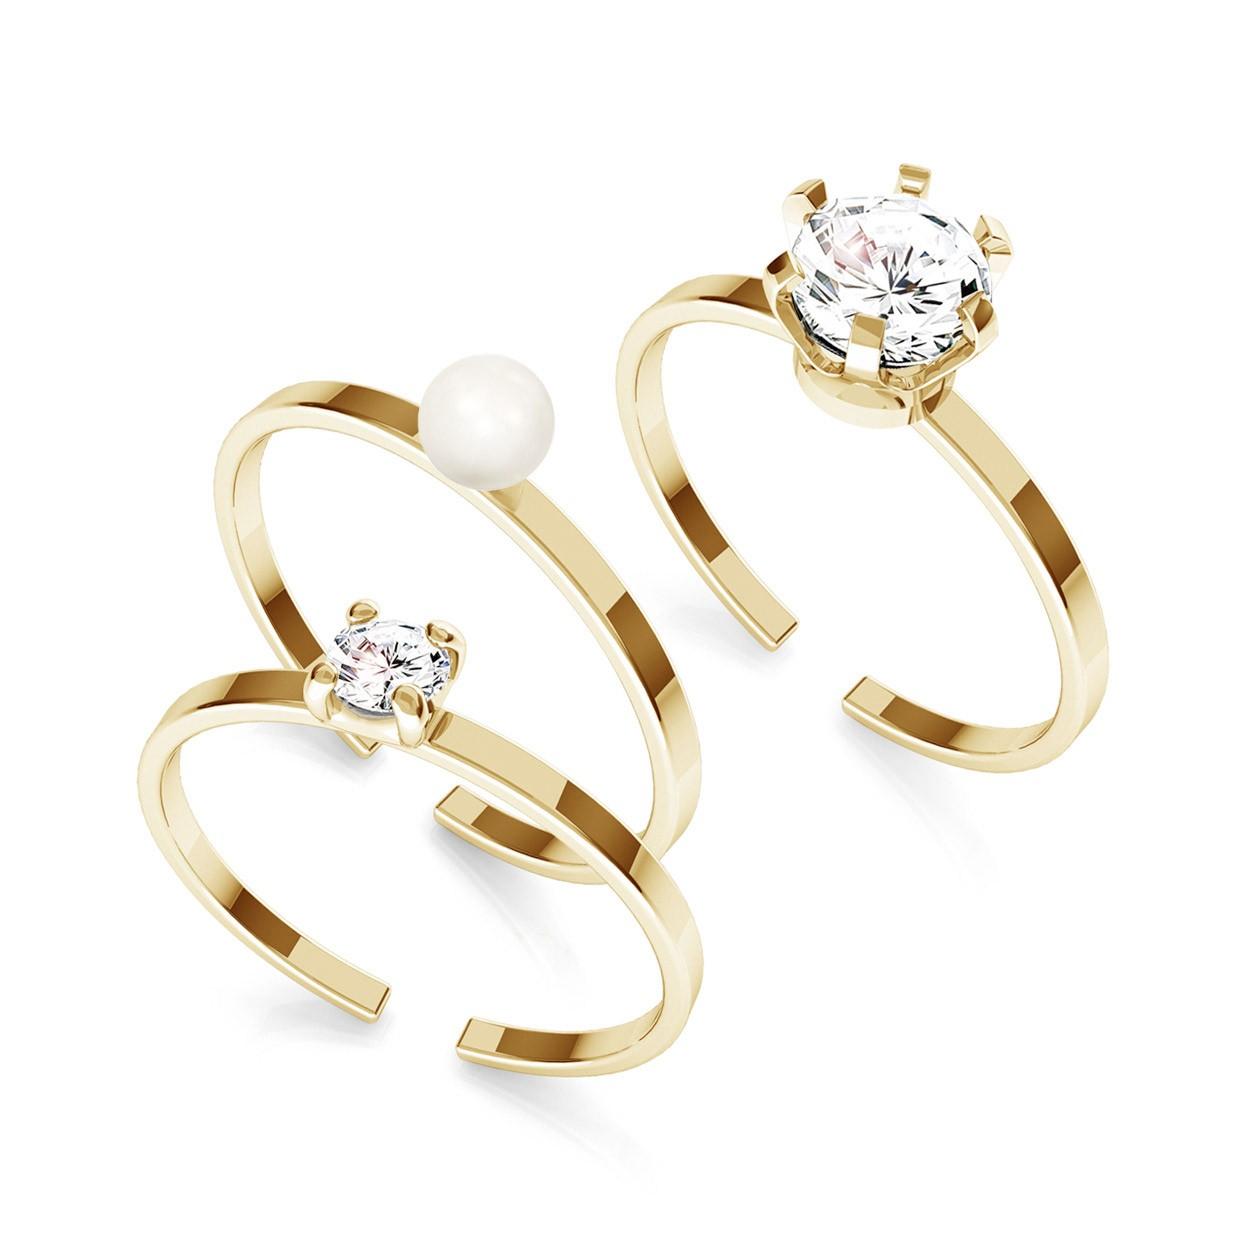 Zestaw pierścionków My RING™ z cyrkoniami i perłą Swarovskiego, srebro 925